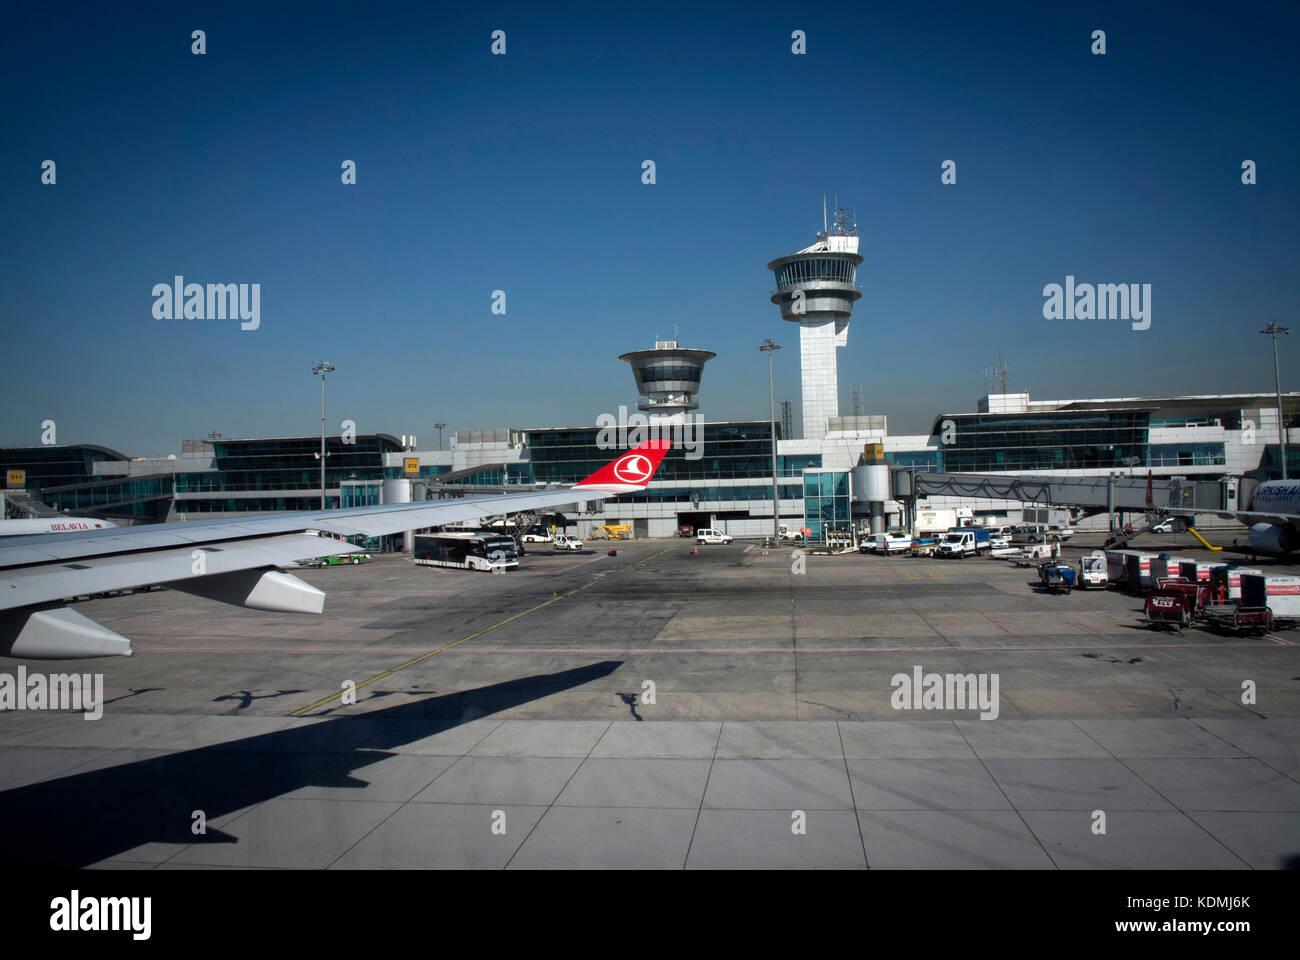 El aeropuerto de Estambul, Turquía Imagen De Stock